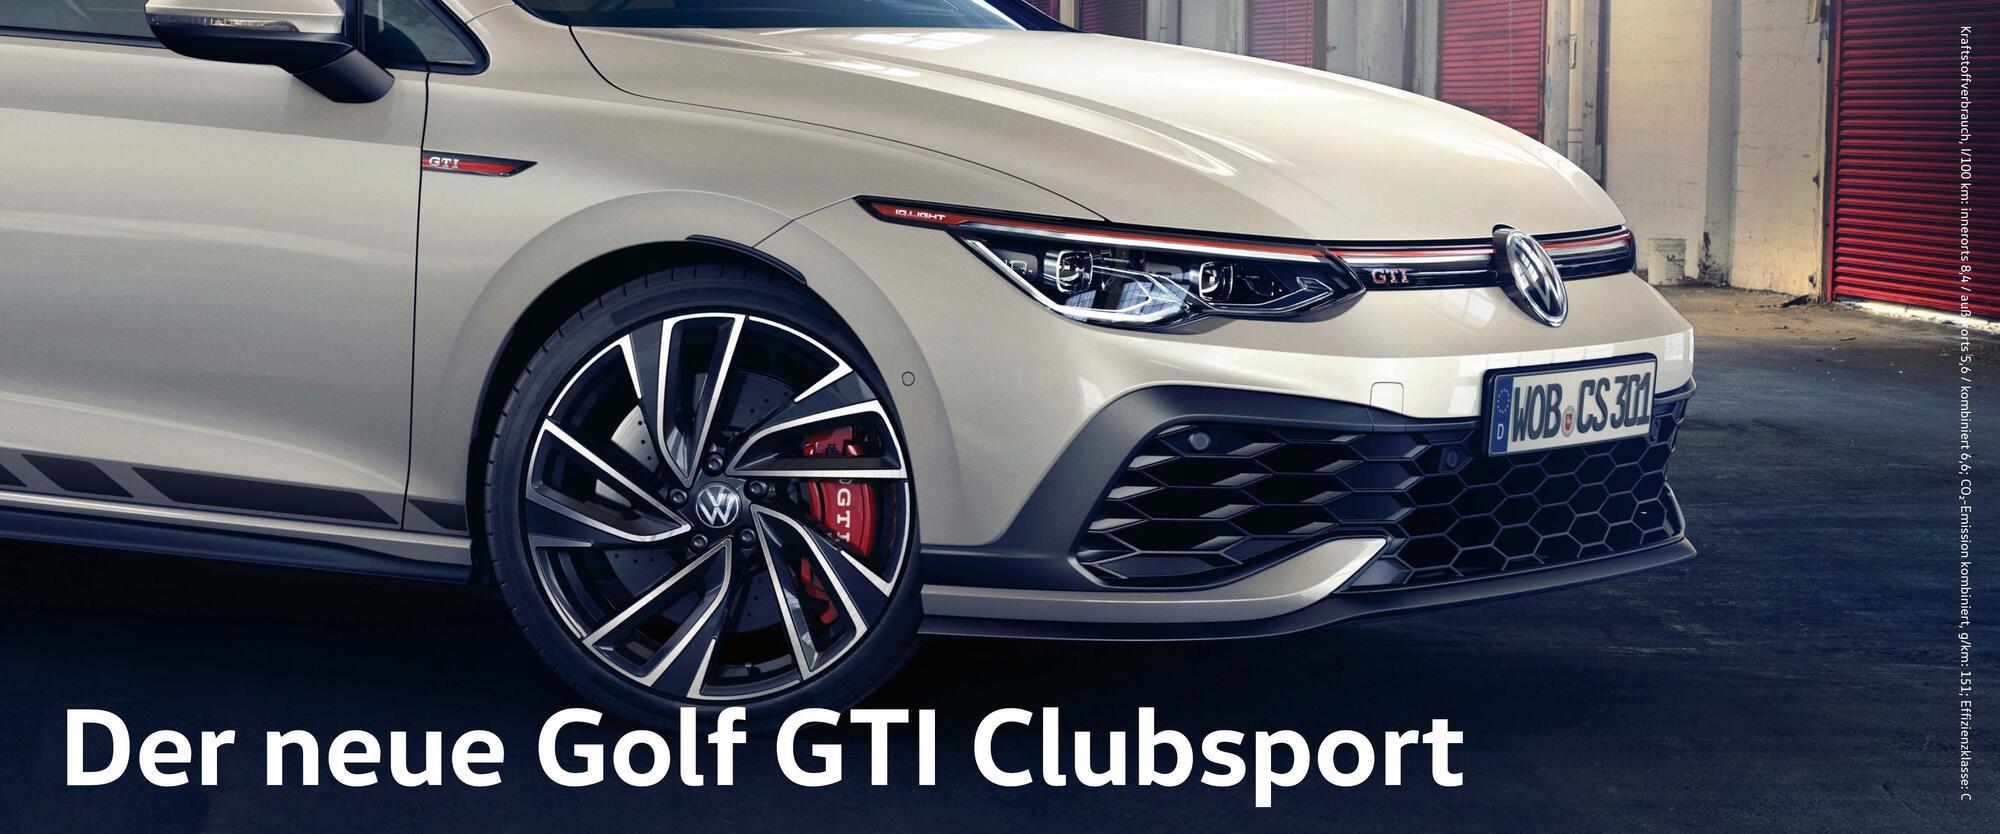 Golf GTI Clubsport